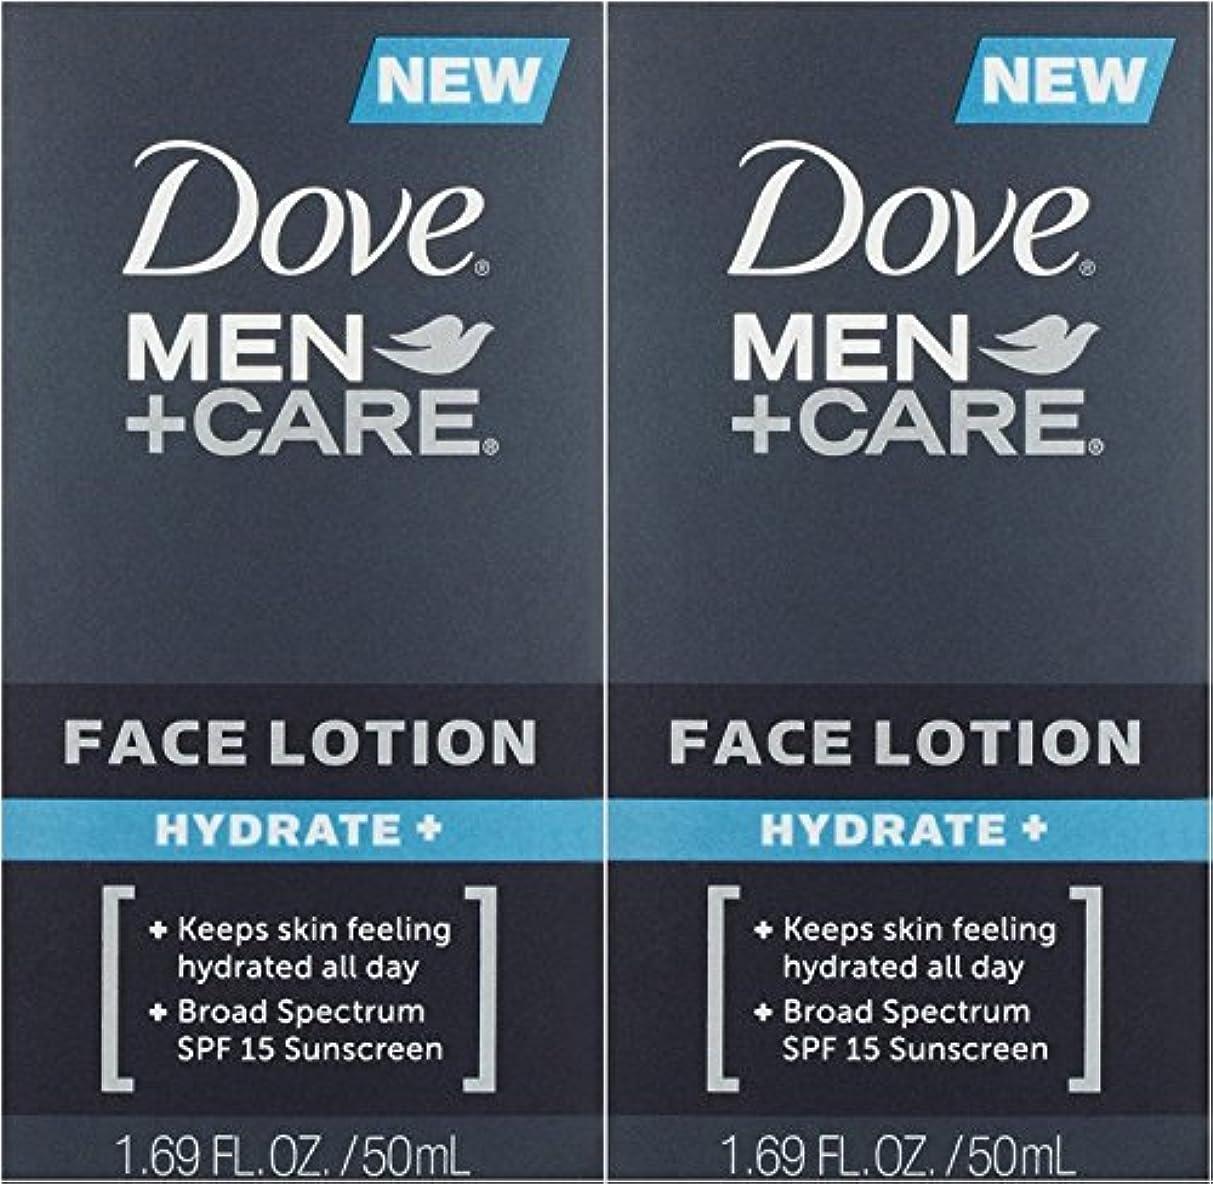 からに変化する終了する勘違いする【アメリカ発送】 Dove Men+Care Face Lotion, Hydrate+ 1.69 oz ダブ 男性用 フェイスローション 潤い SPF 15 50ml